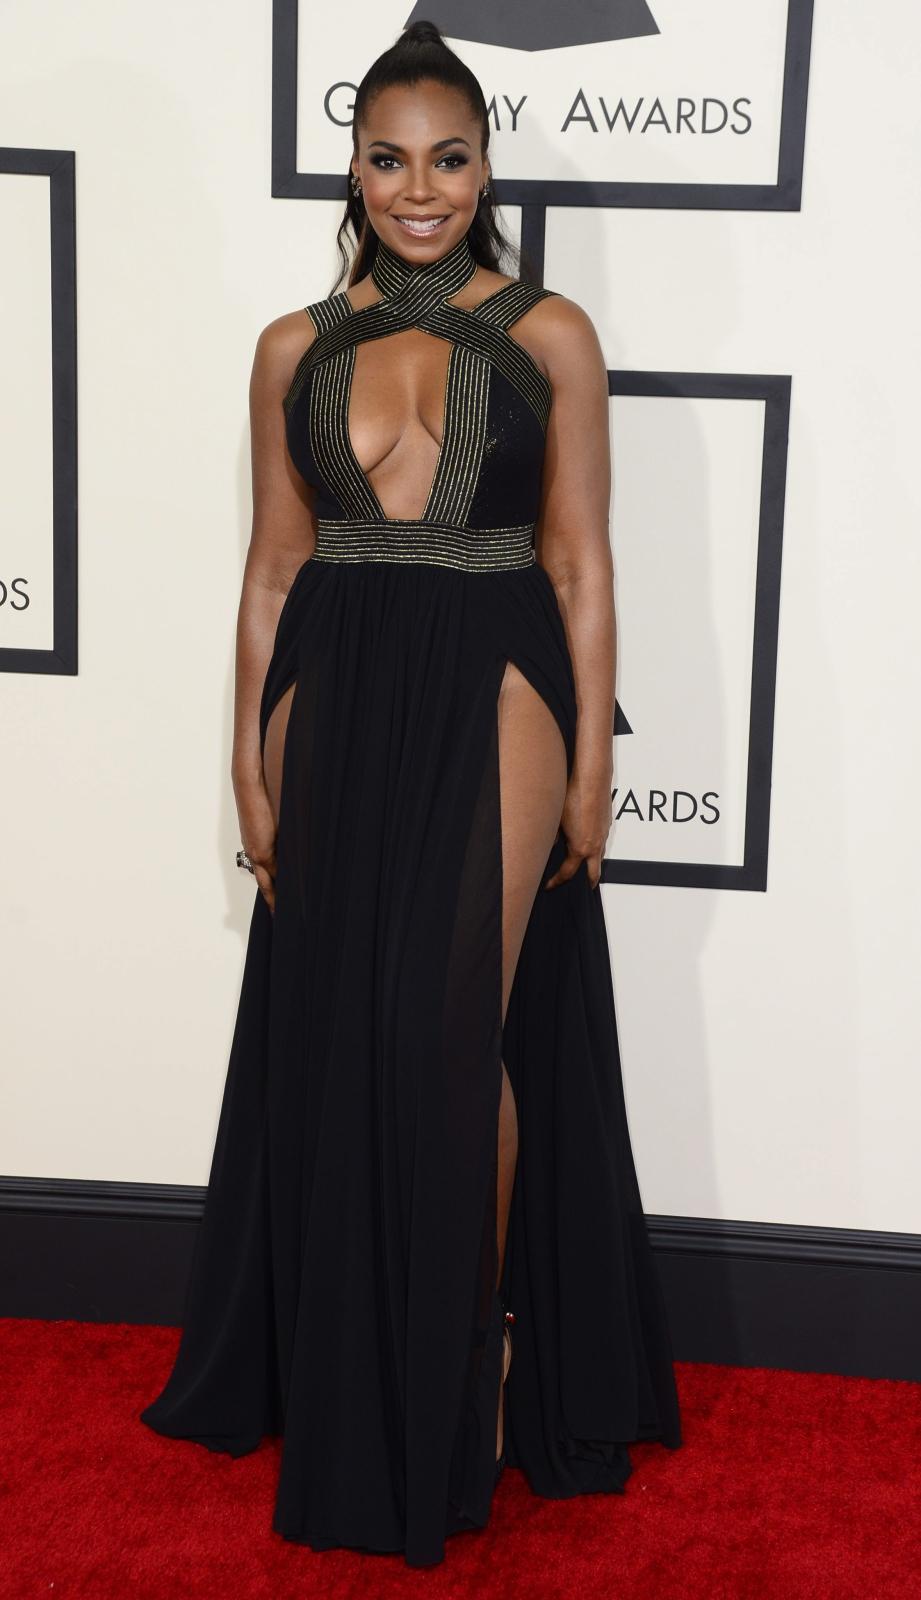 Najbardziej rozebrane gwiazdy na gali Grammy 2015: Ashanti